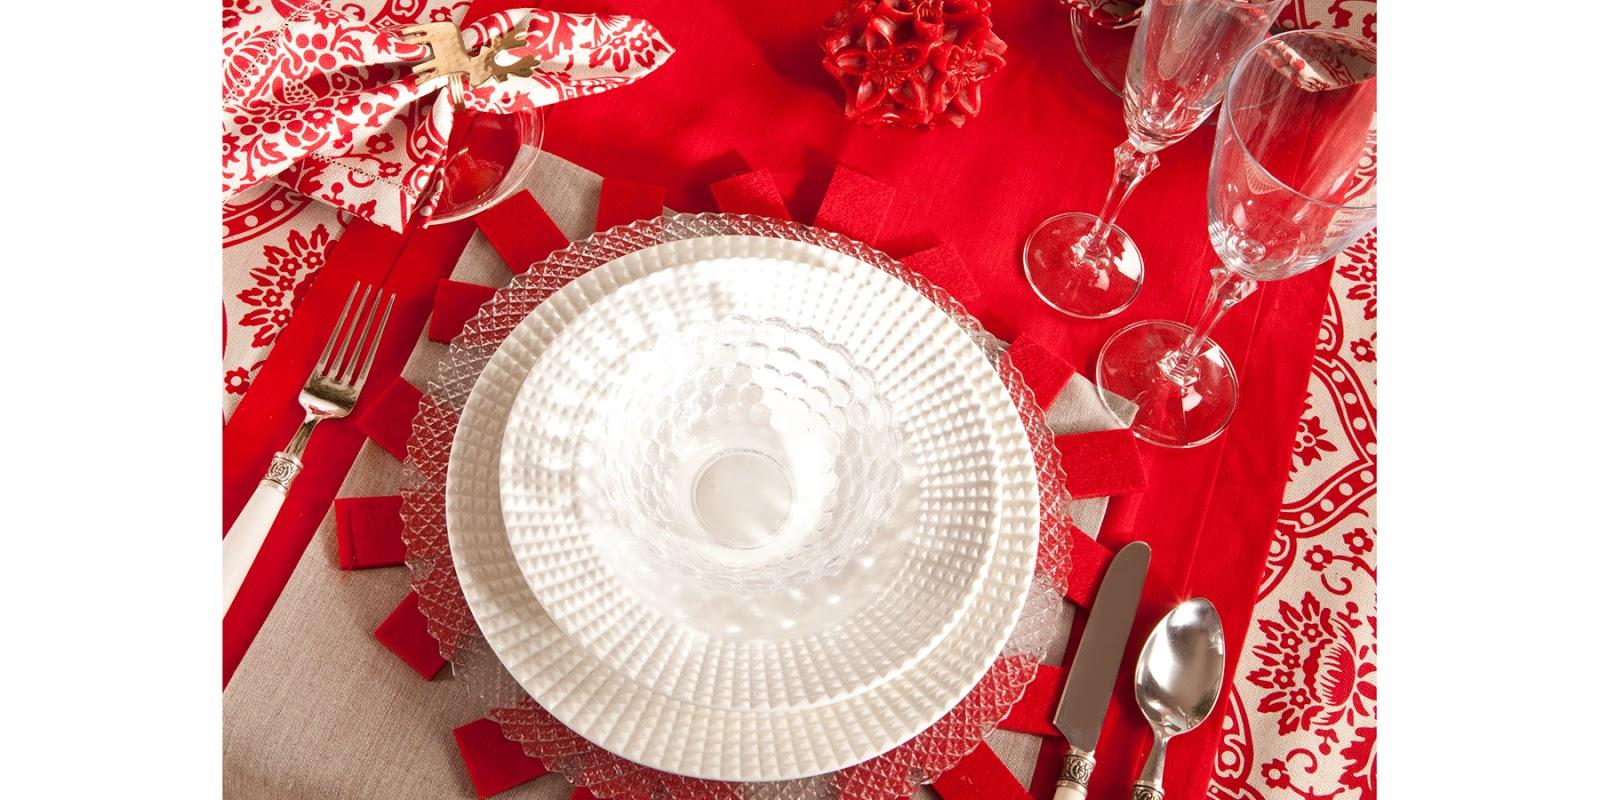 D cor 39 39 tendances d cembre 2012 for Decoration lumignon 8 decembre